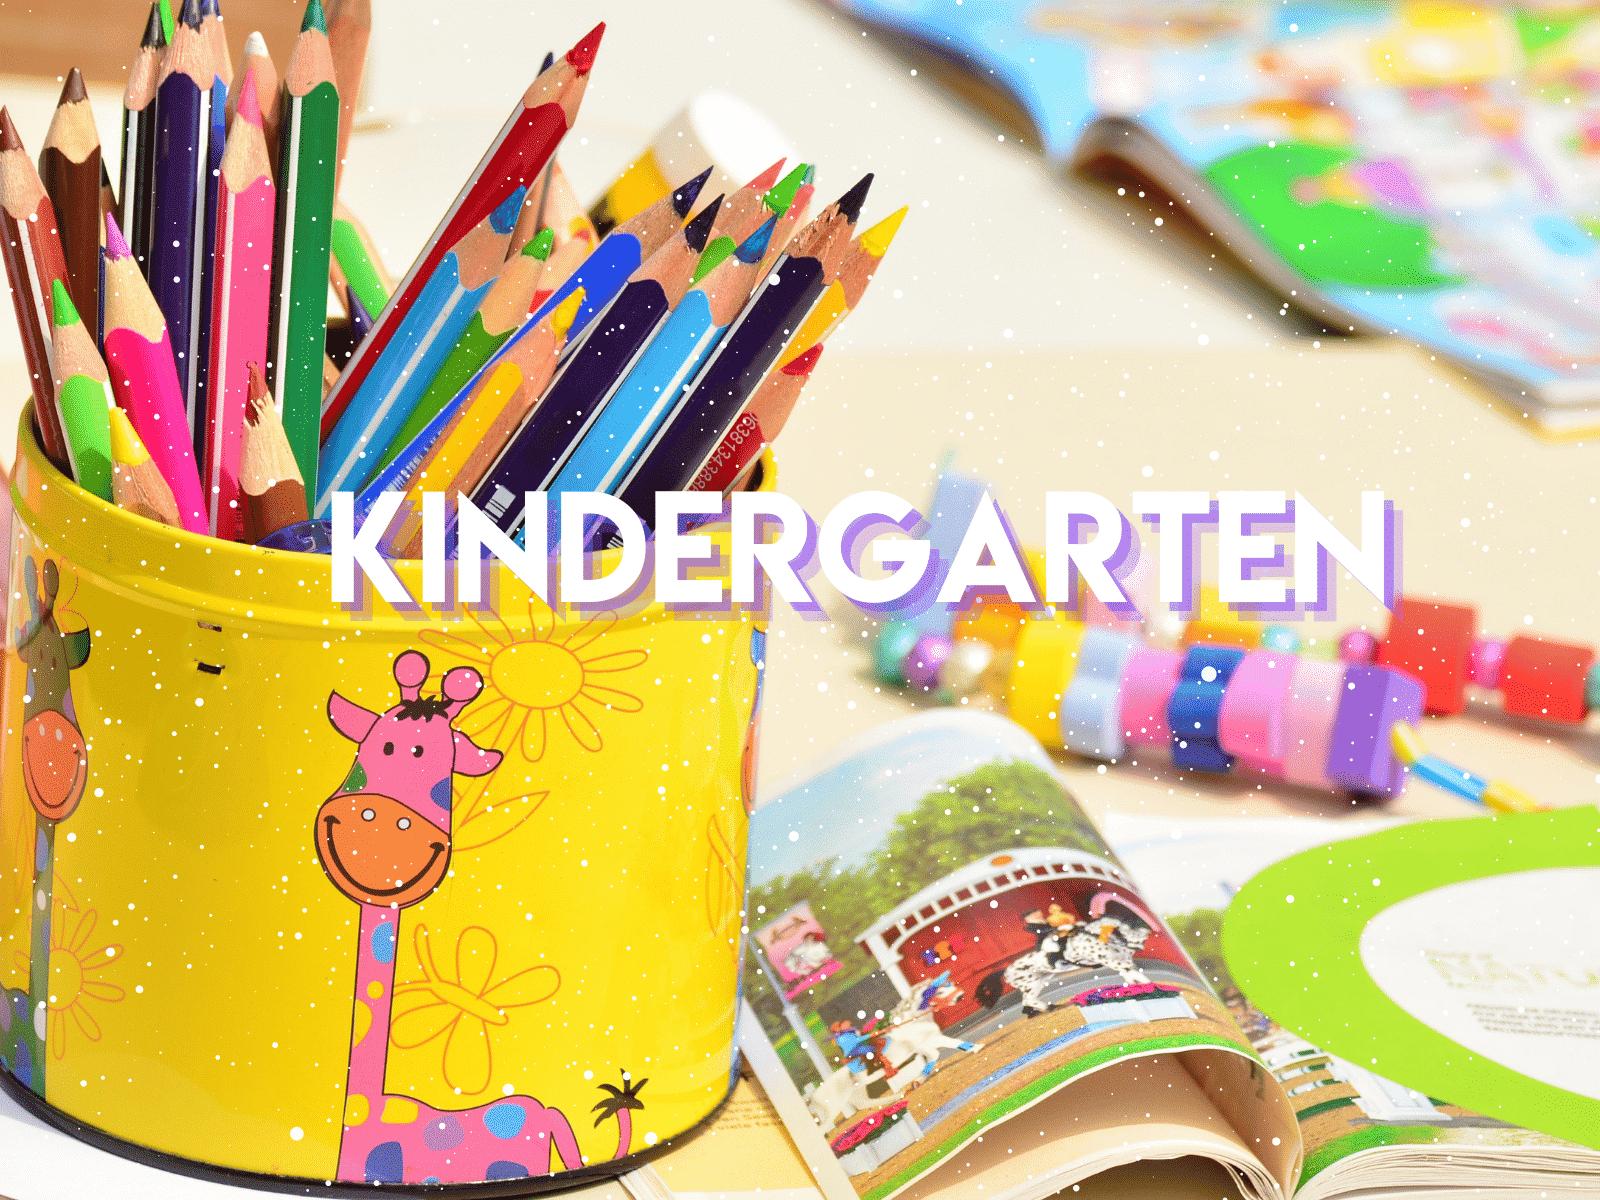 Free Kindergarten worksheets and PDF downloads